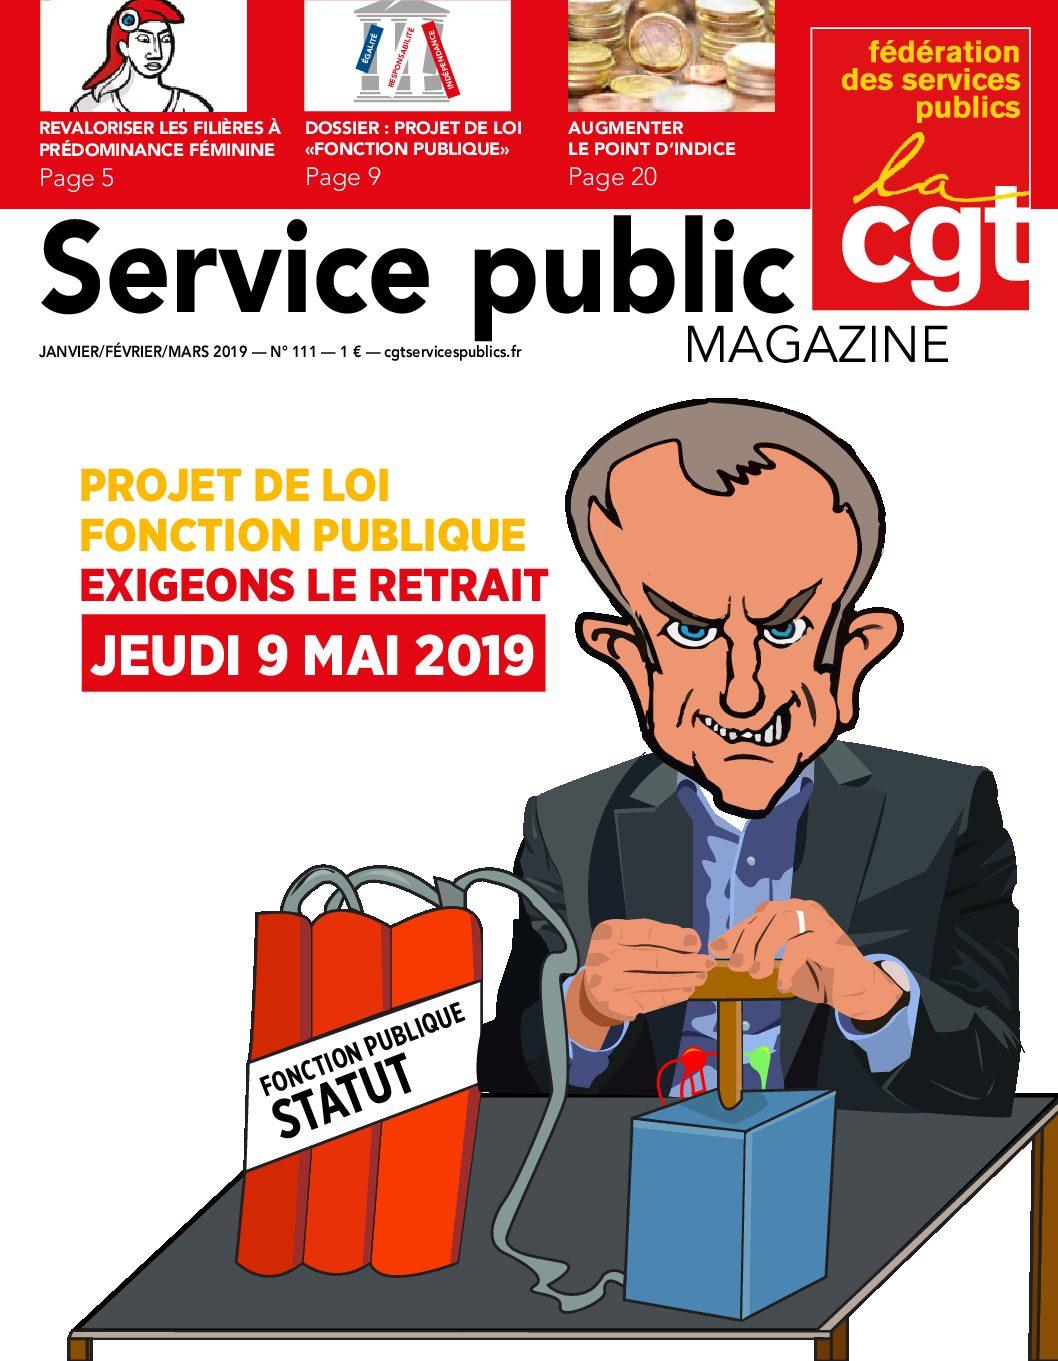 4de19cddea2 Service public magazine mars 2019